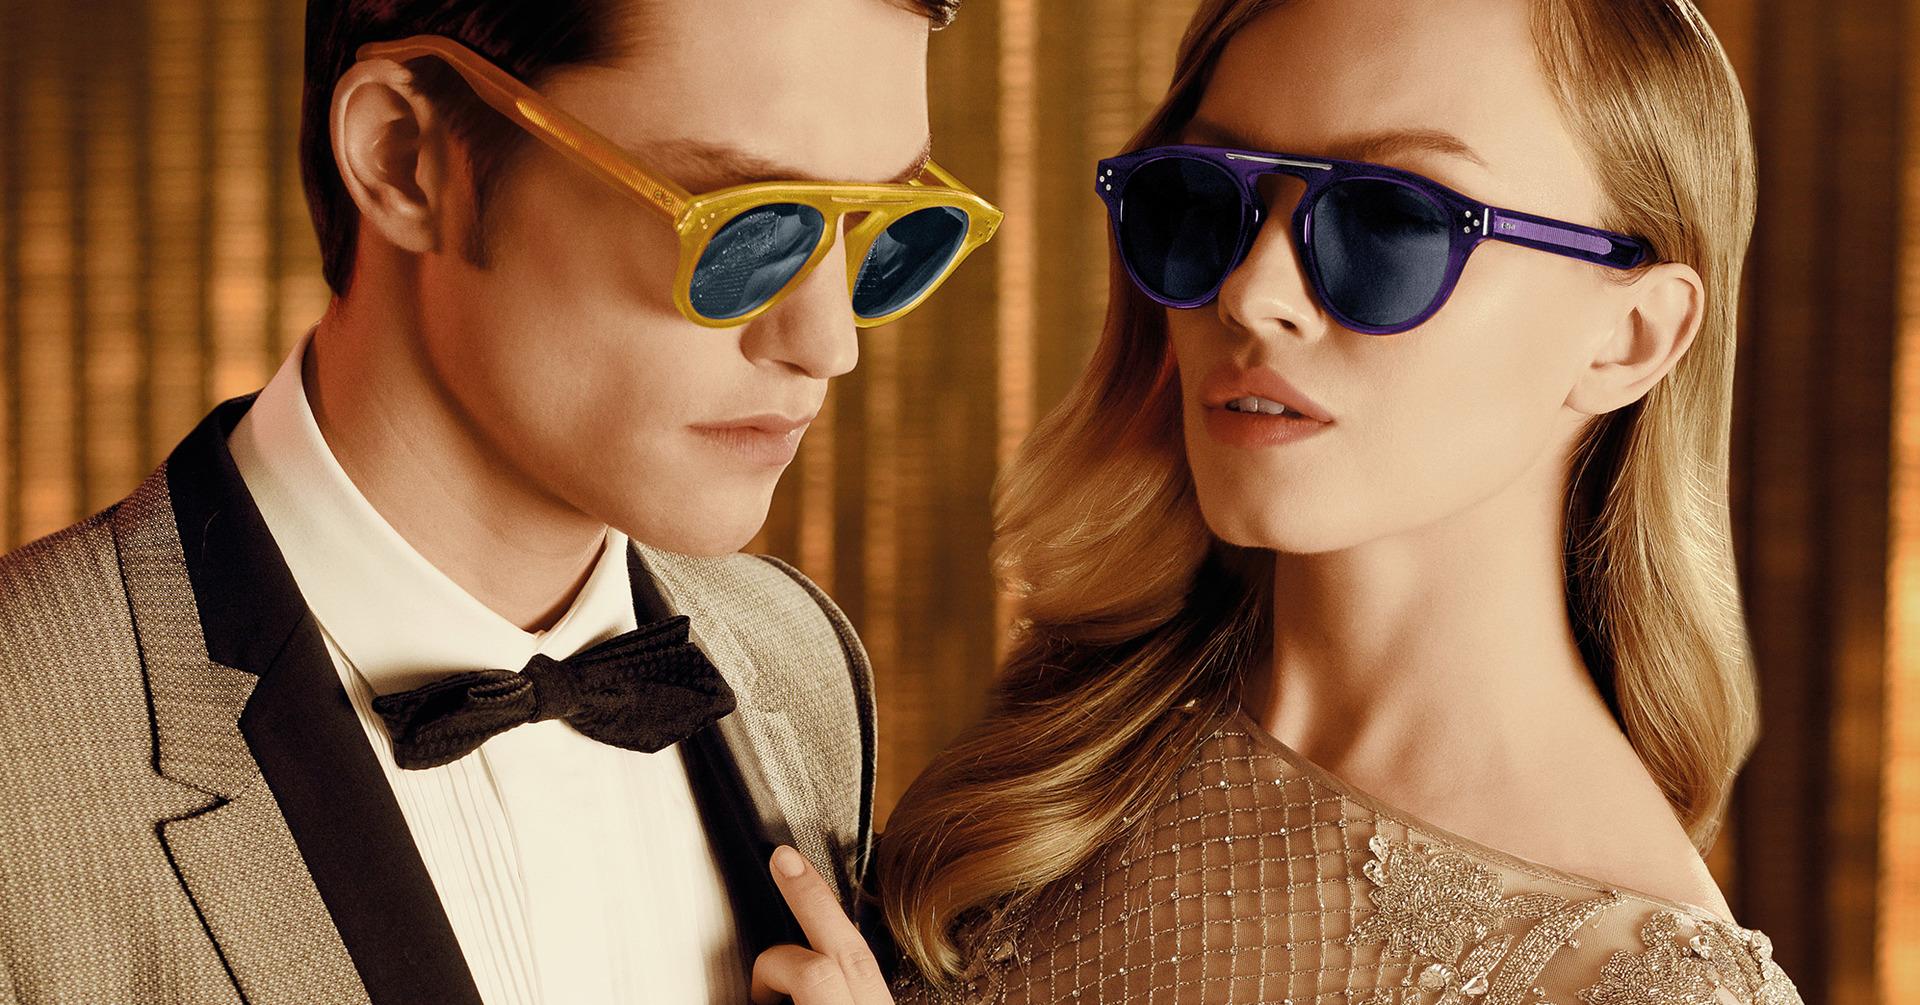 1908cf7a69c 22 Best Men s Sunglasses Brands Buy In 2019